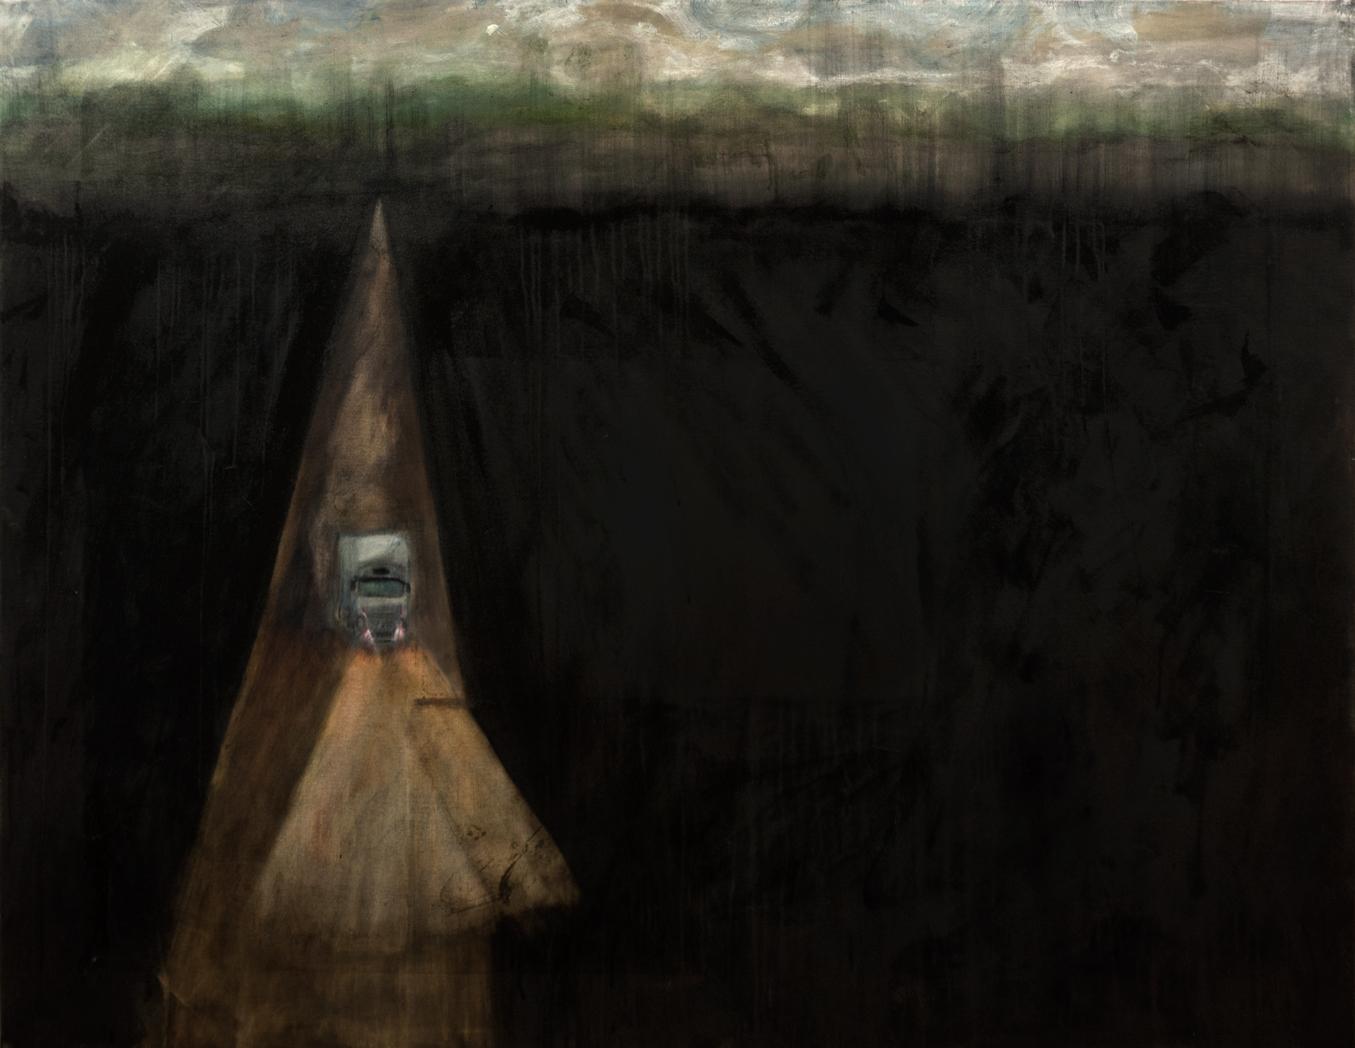 Caminhãozinho  2015  Tinta óleo sobre tela  125 x 160 cm   Coleção Particular